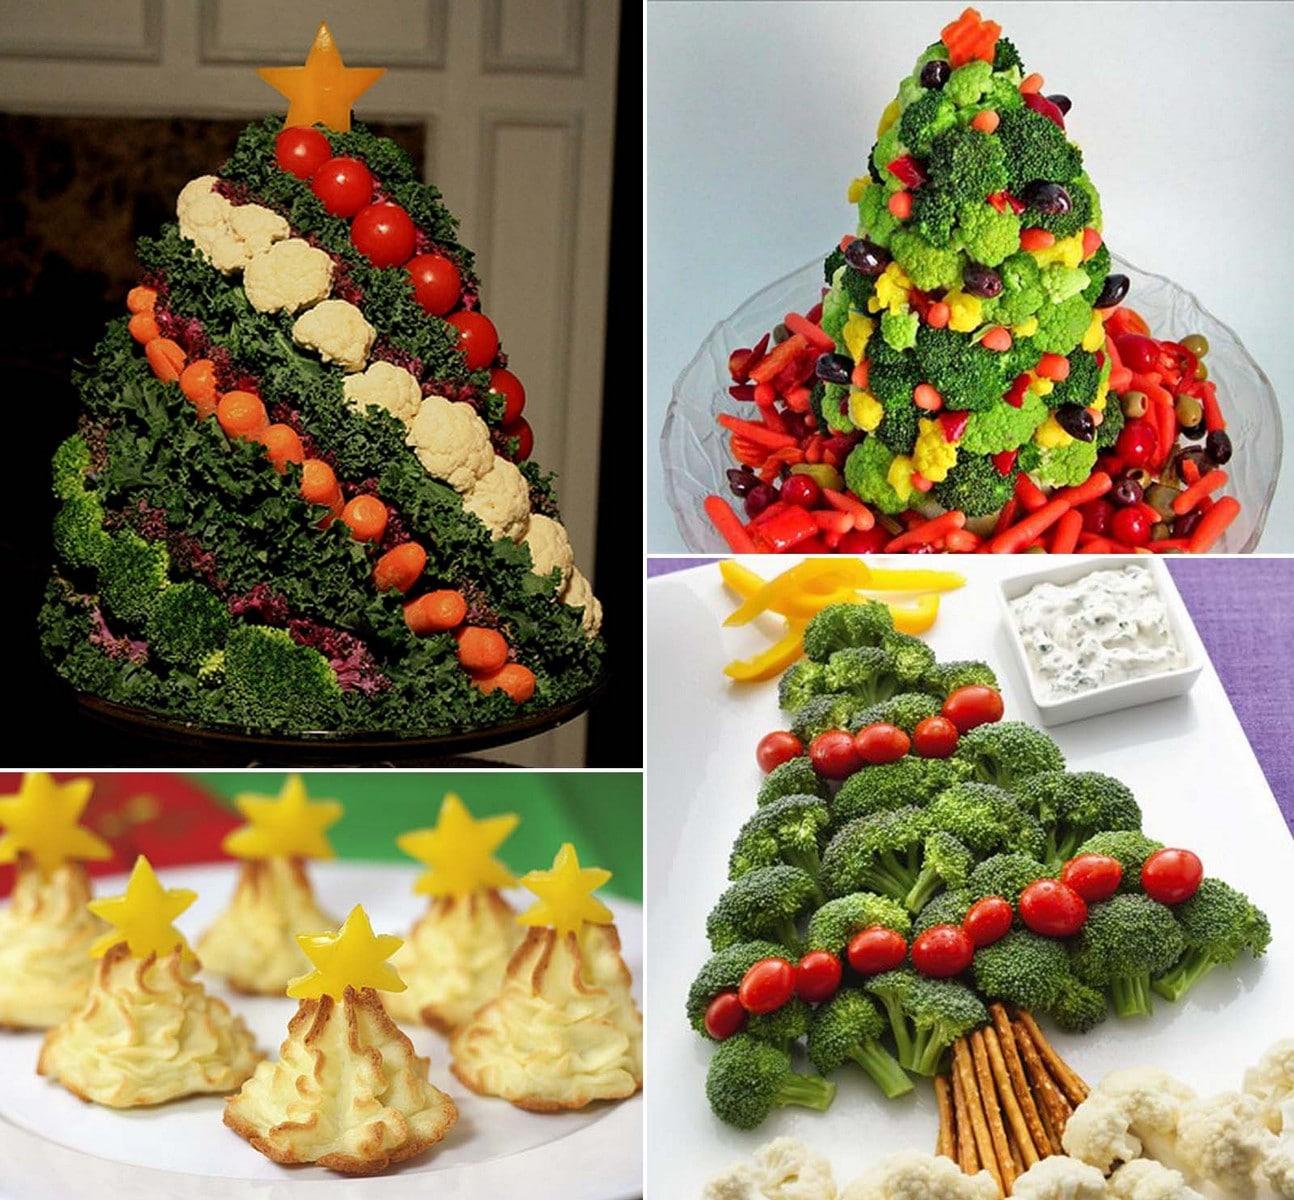 Menu Di Natale Vegano.Aggiungi Un Vegano A Tavola Cosa Cucinare Ecco Il Menu Di